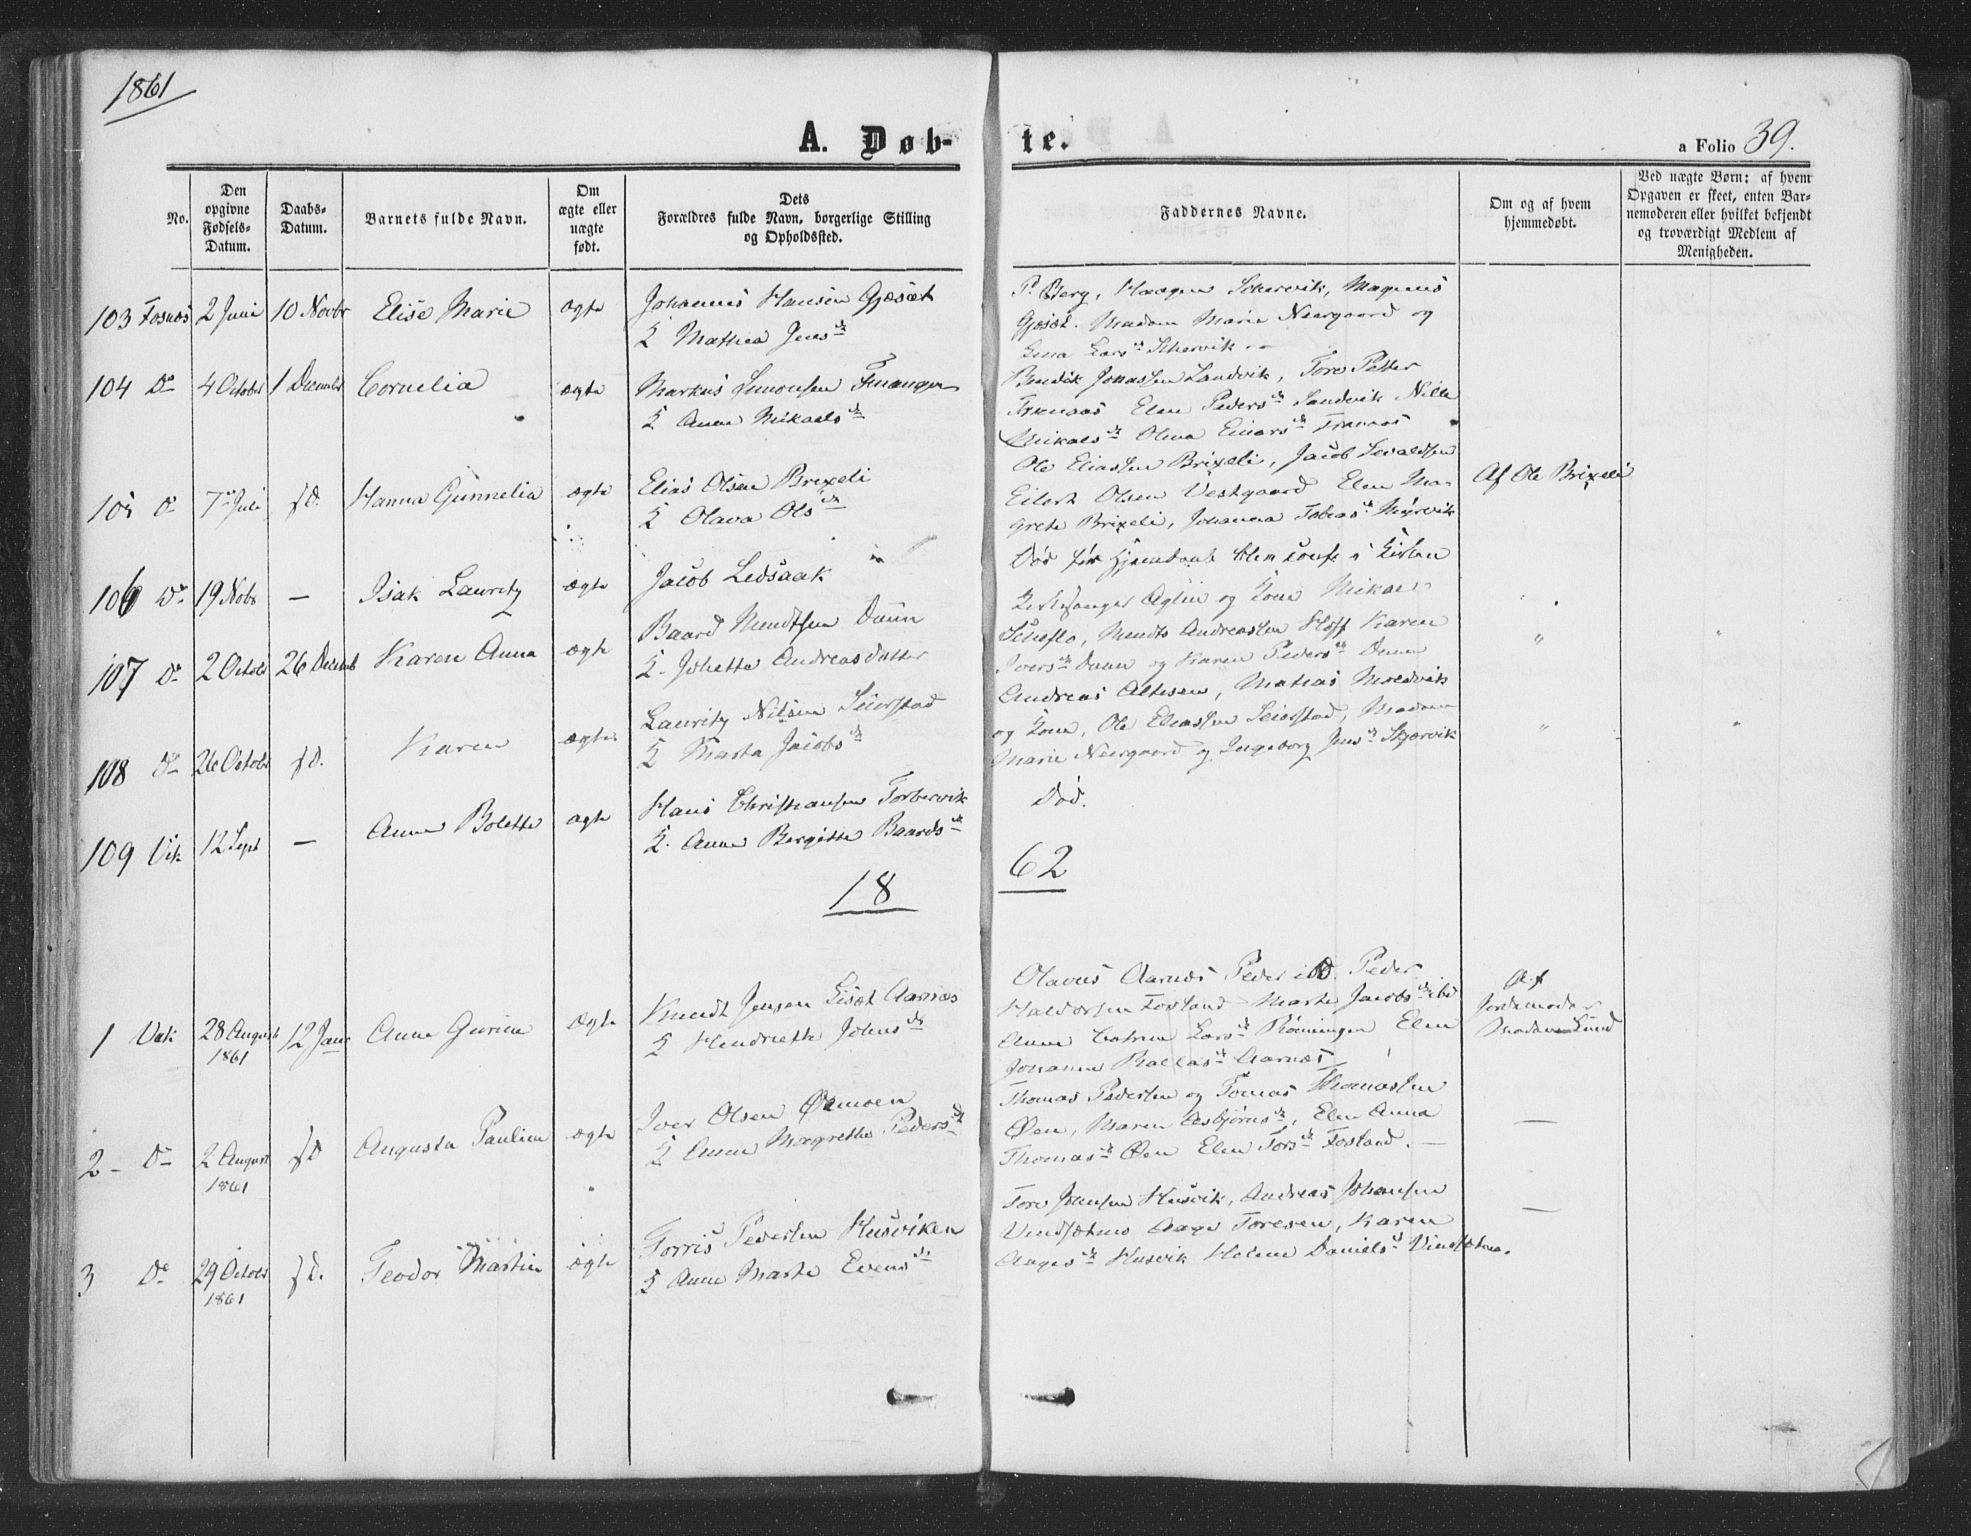 SAT, Ministerialprotokoller, klokkerbøker og fødselsregistre - Nord-Trøndelag, 773/L0615: Ministerialbok nr. 773A06, 1857-1870, s. 39